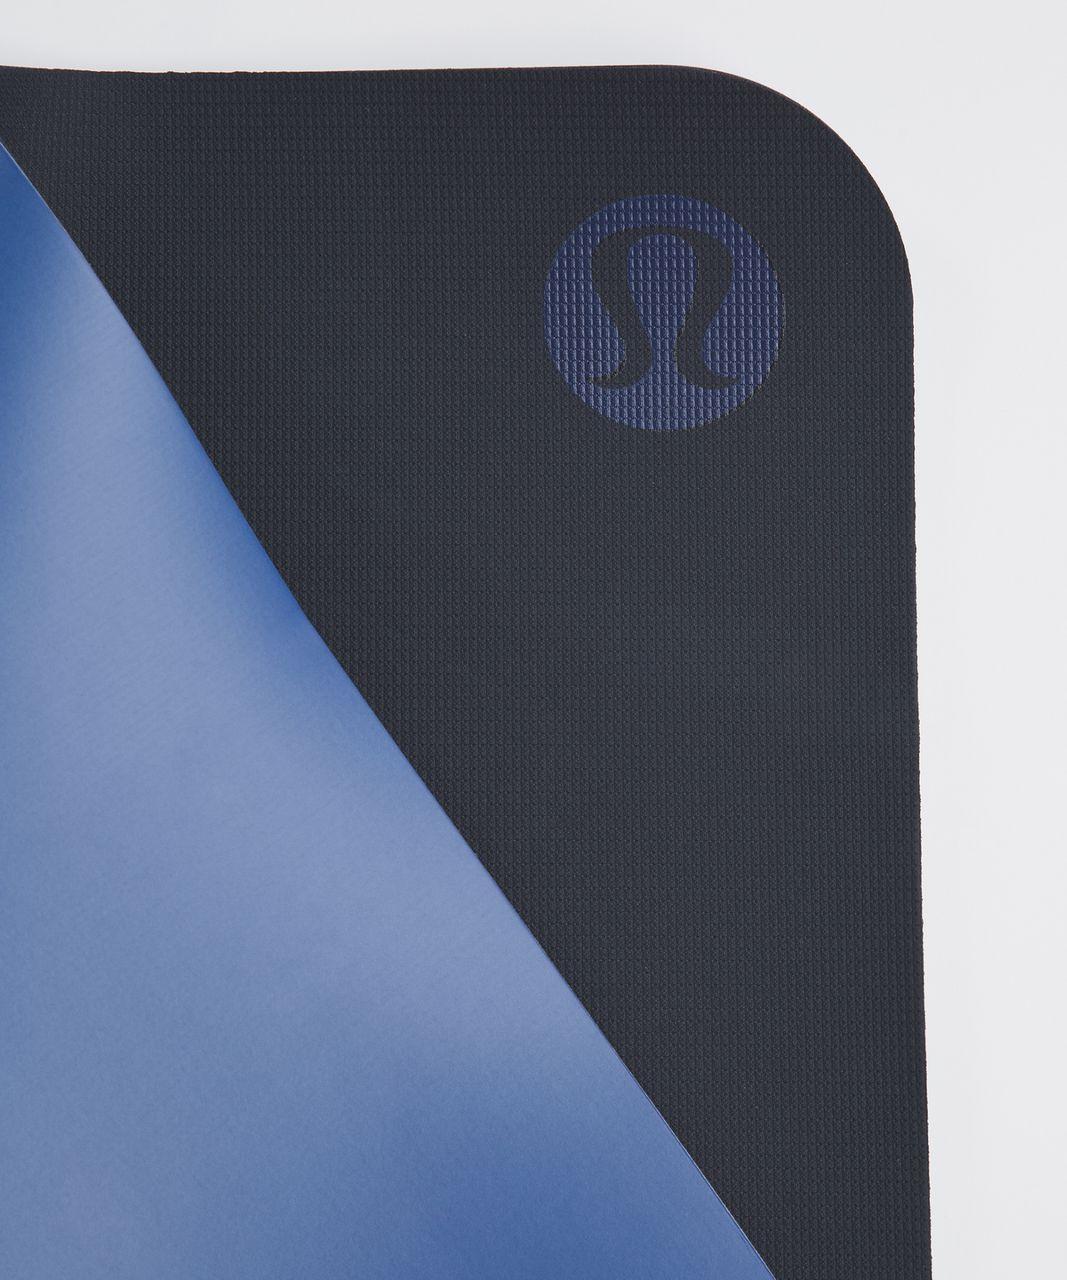 Lululemon The Reversible Mat 5mm - Sprinkler / Naval Blue